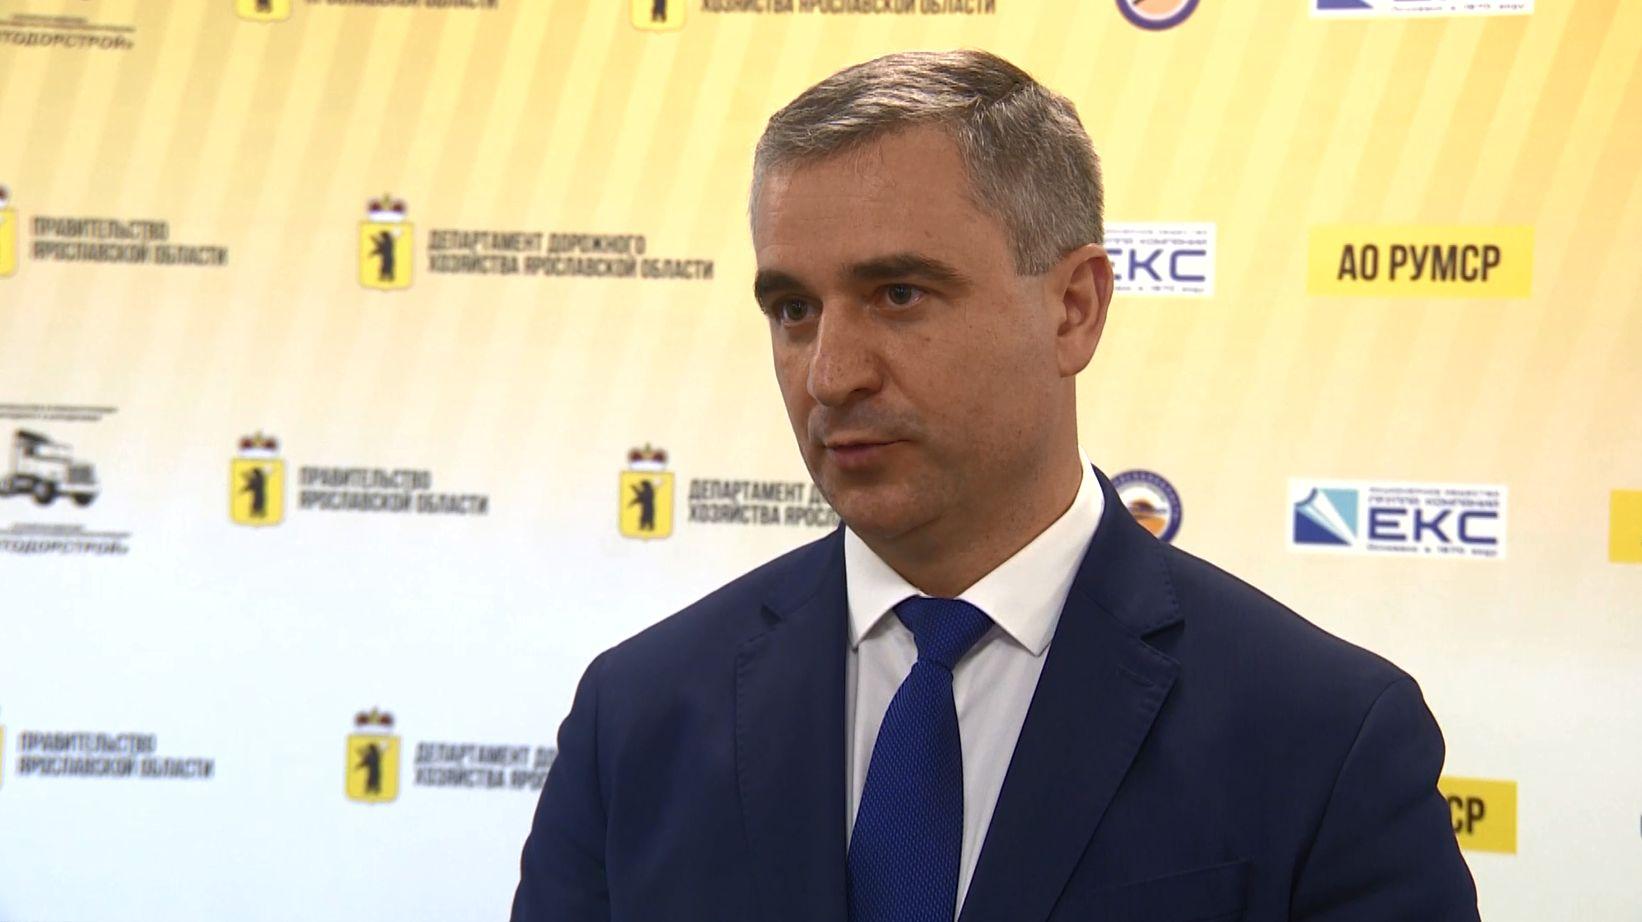 О реализации нацпроекта «Безопасные качественные дороги» в Ярославской области рассказал Роман Душко главе Росавтодора